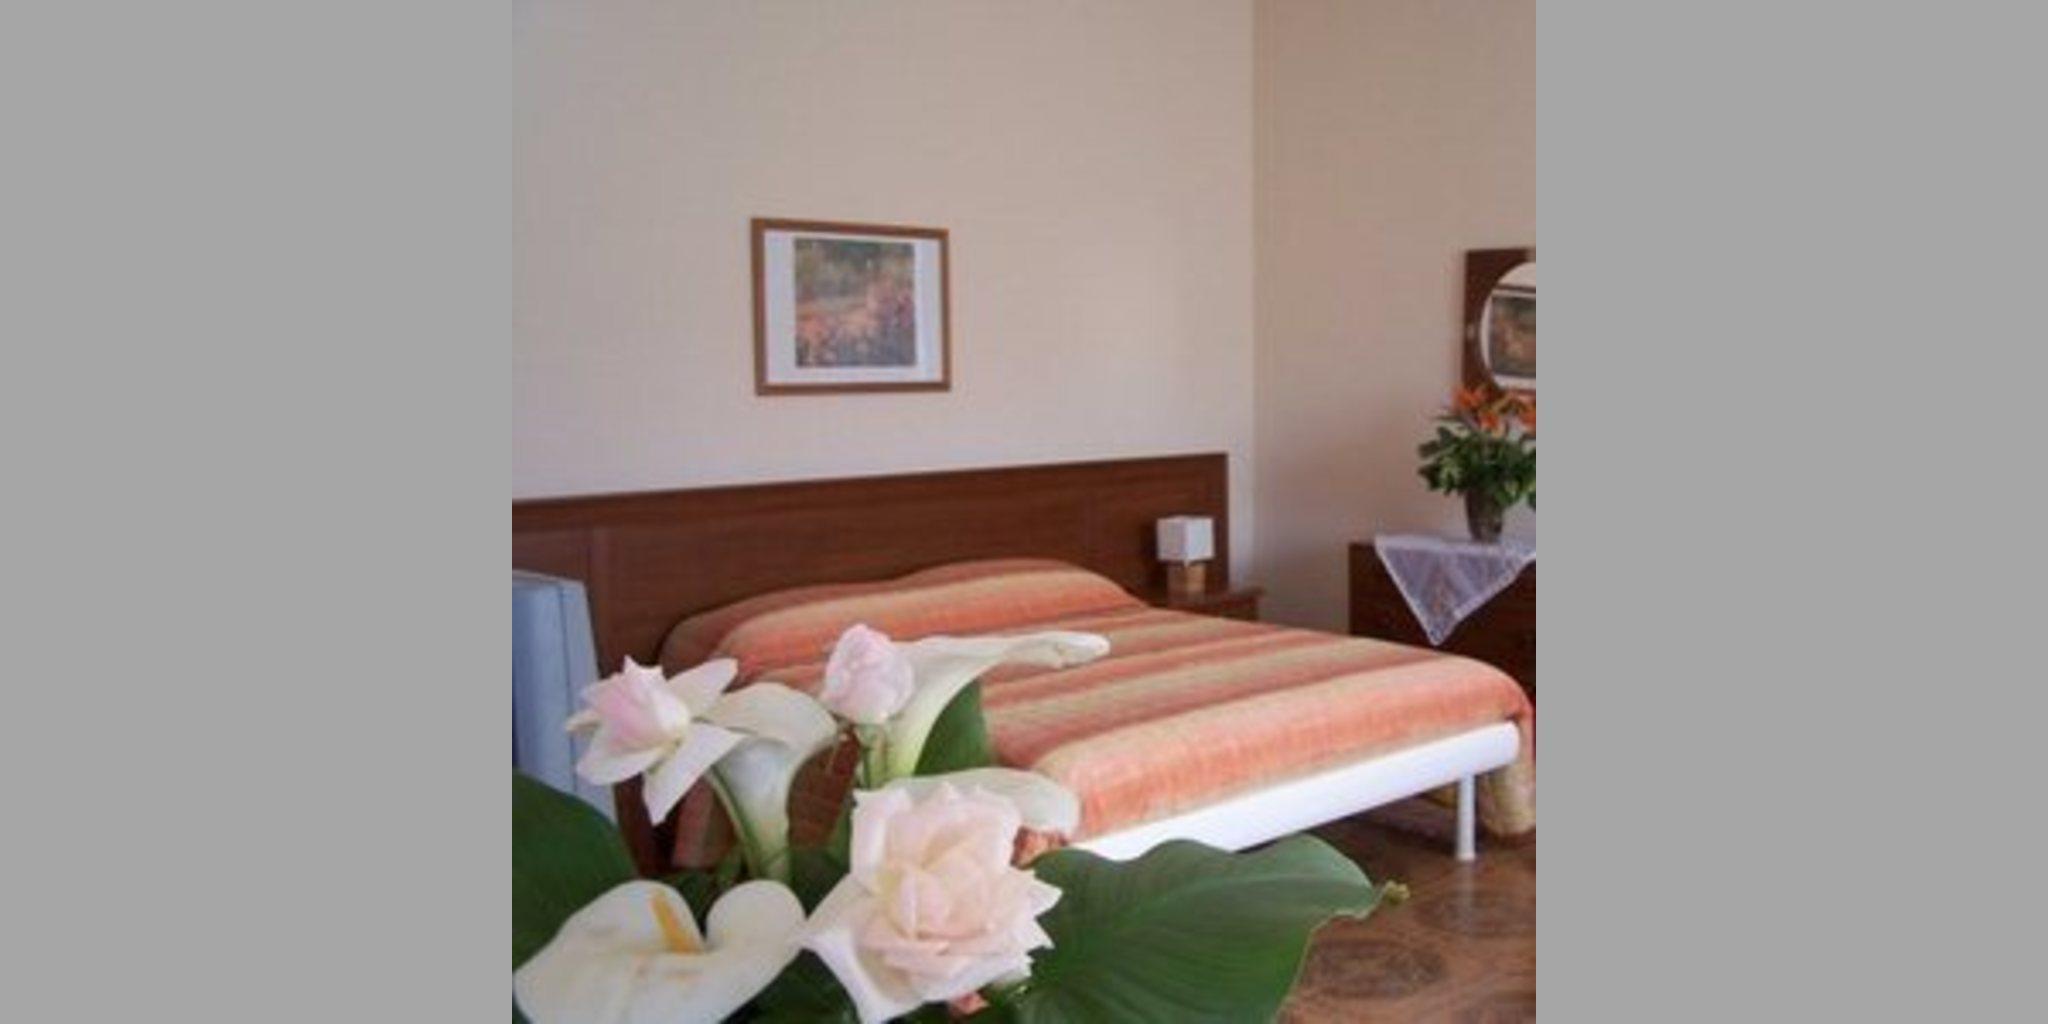 Bed & Breakfast Fiumefreddo Di Sicilia - Taormina_C